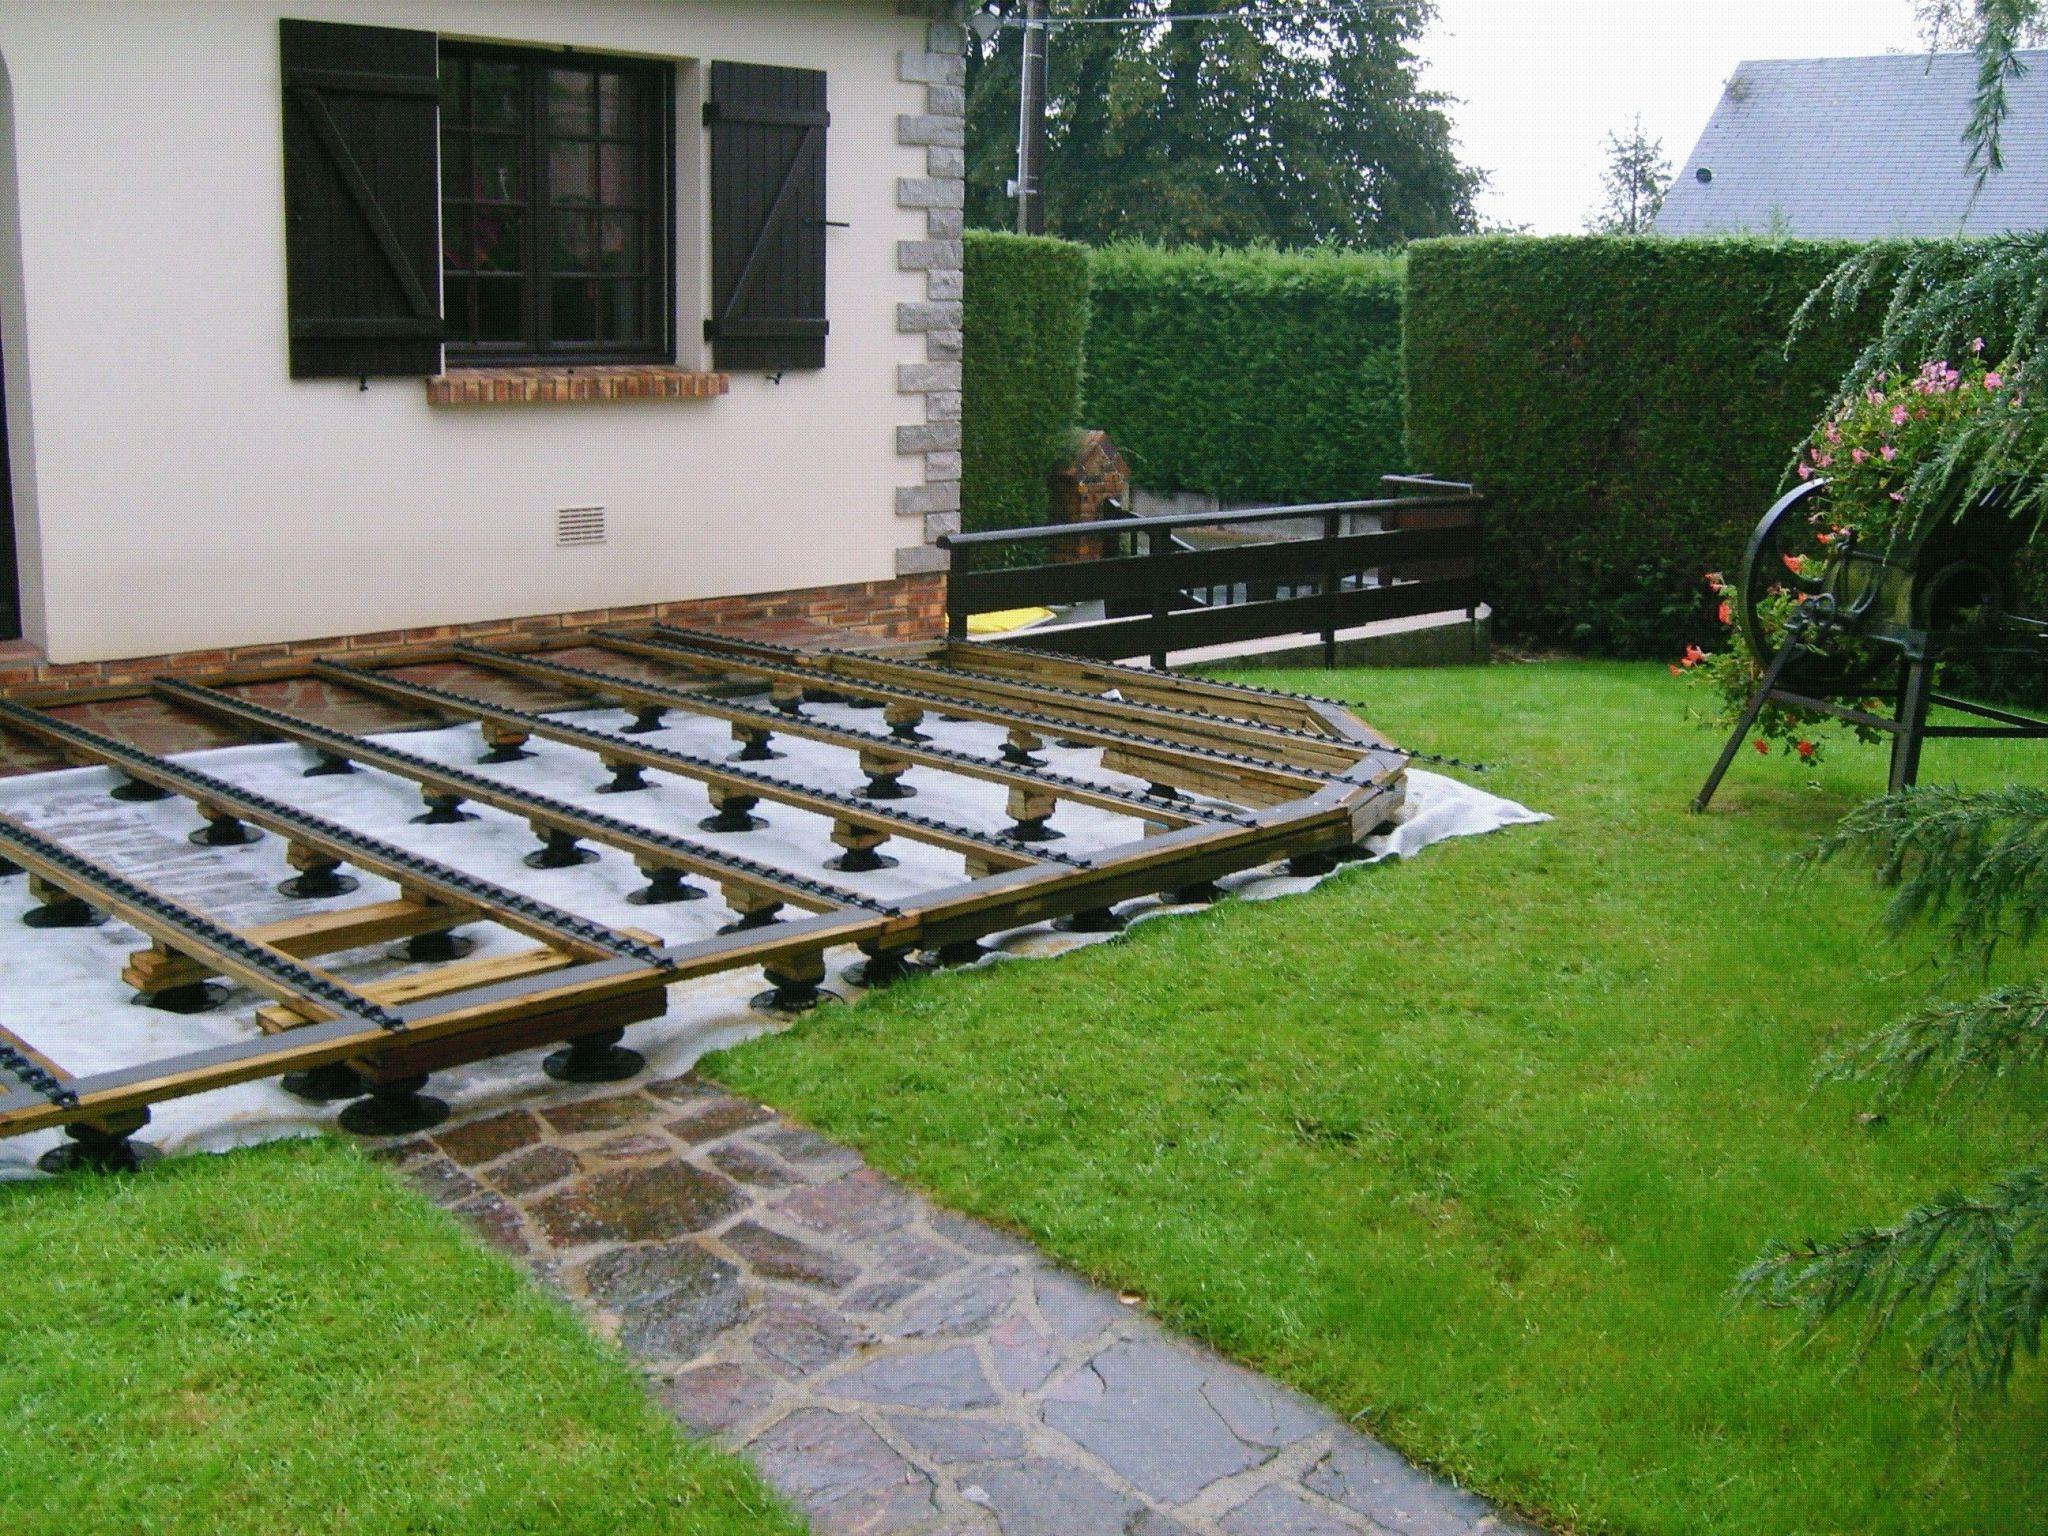 Plan Aménagement Jardin Concept - Idees Conception Jardin à Modele De Jardin Avec Galets